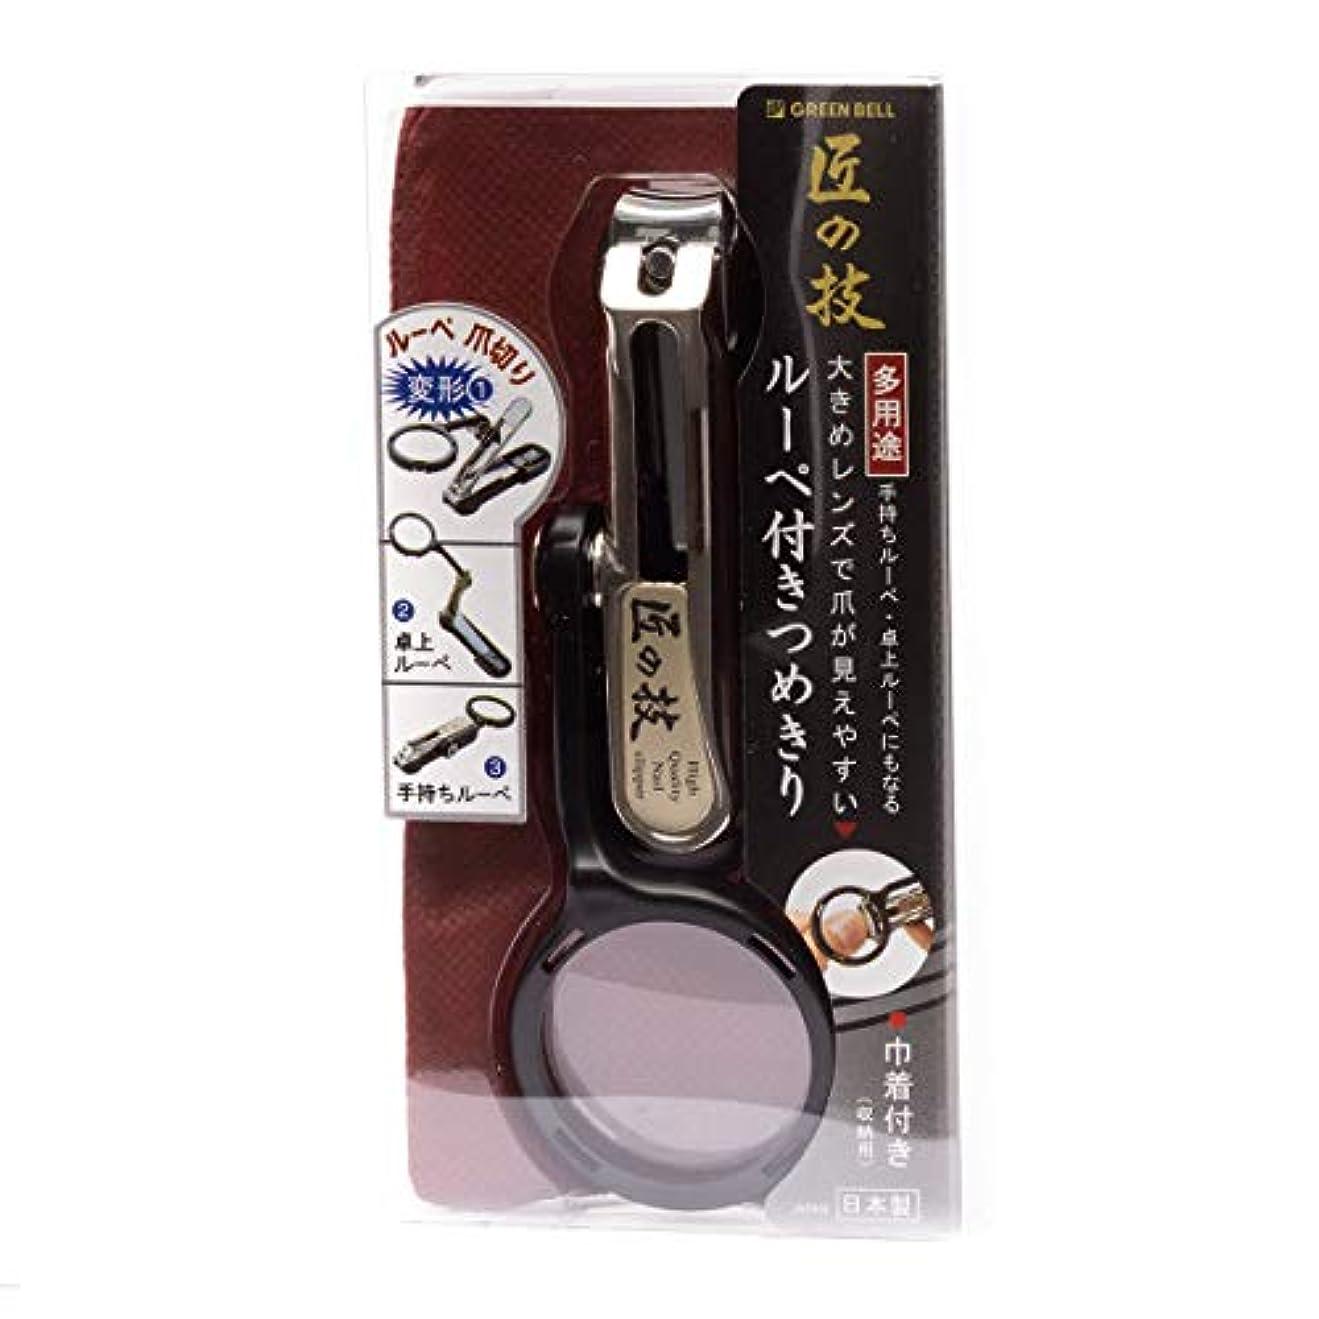 マークダウンぎこちないラボMIDI-ミディ 匠の技 ルーペ付き つめきり 黒 メガネ拭き セット (p-880123,p-k0055)